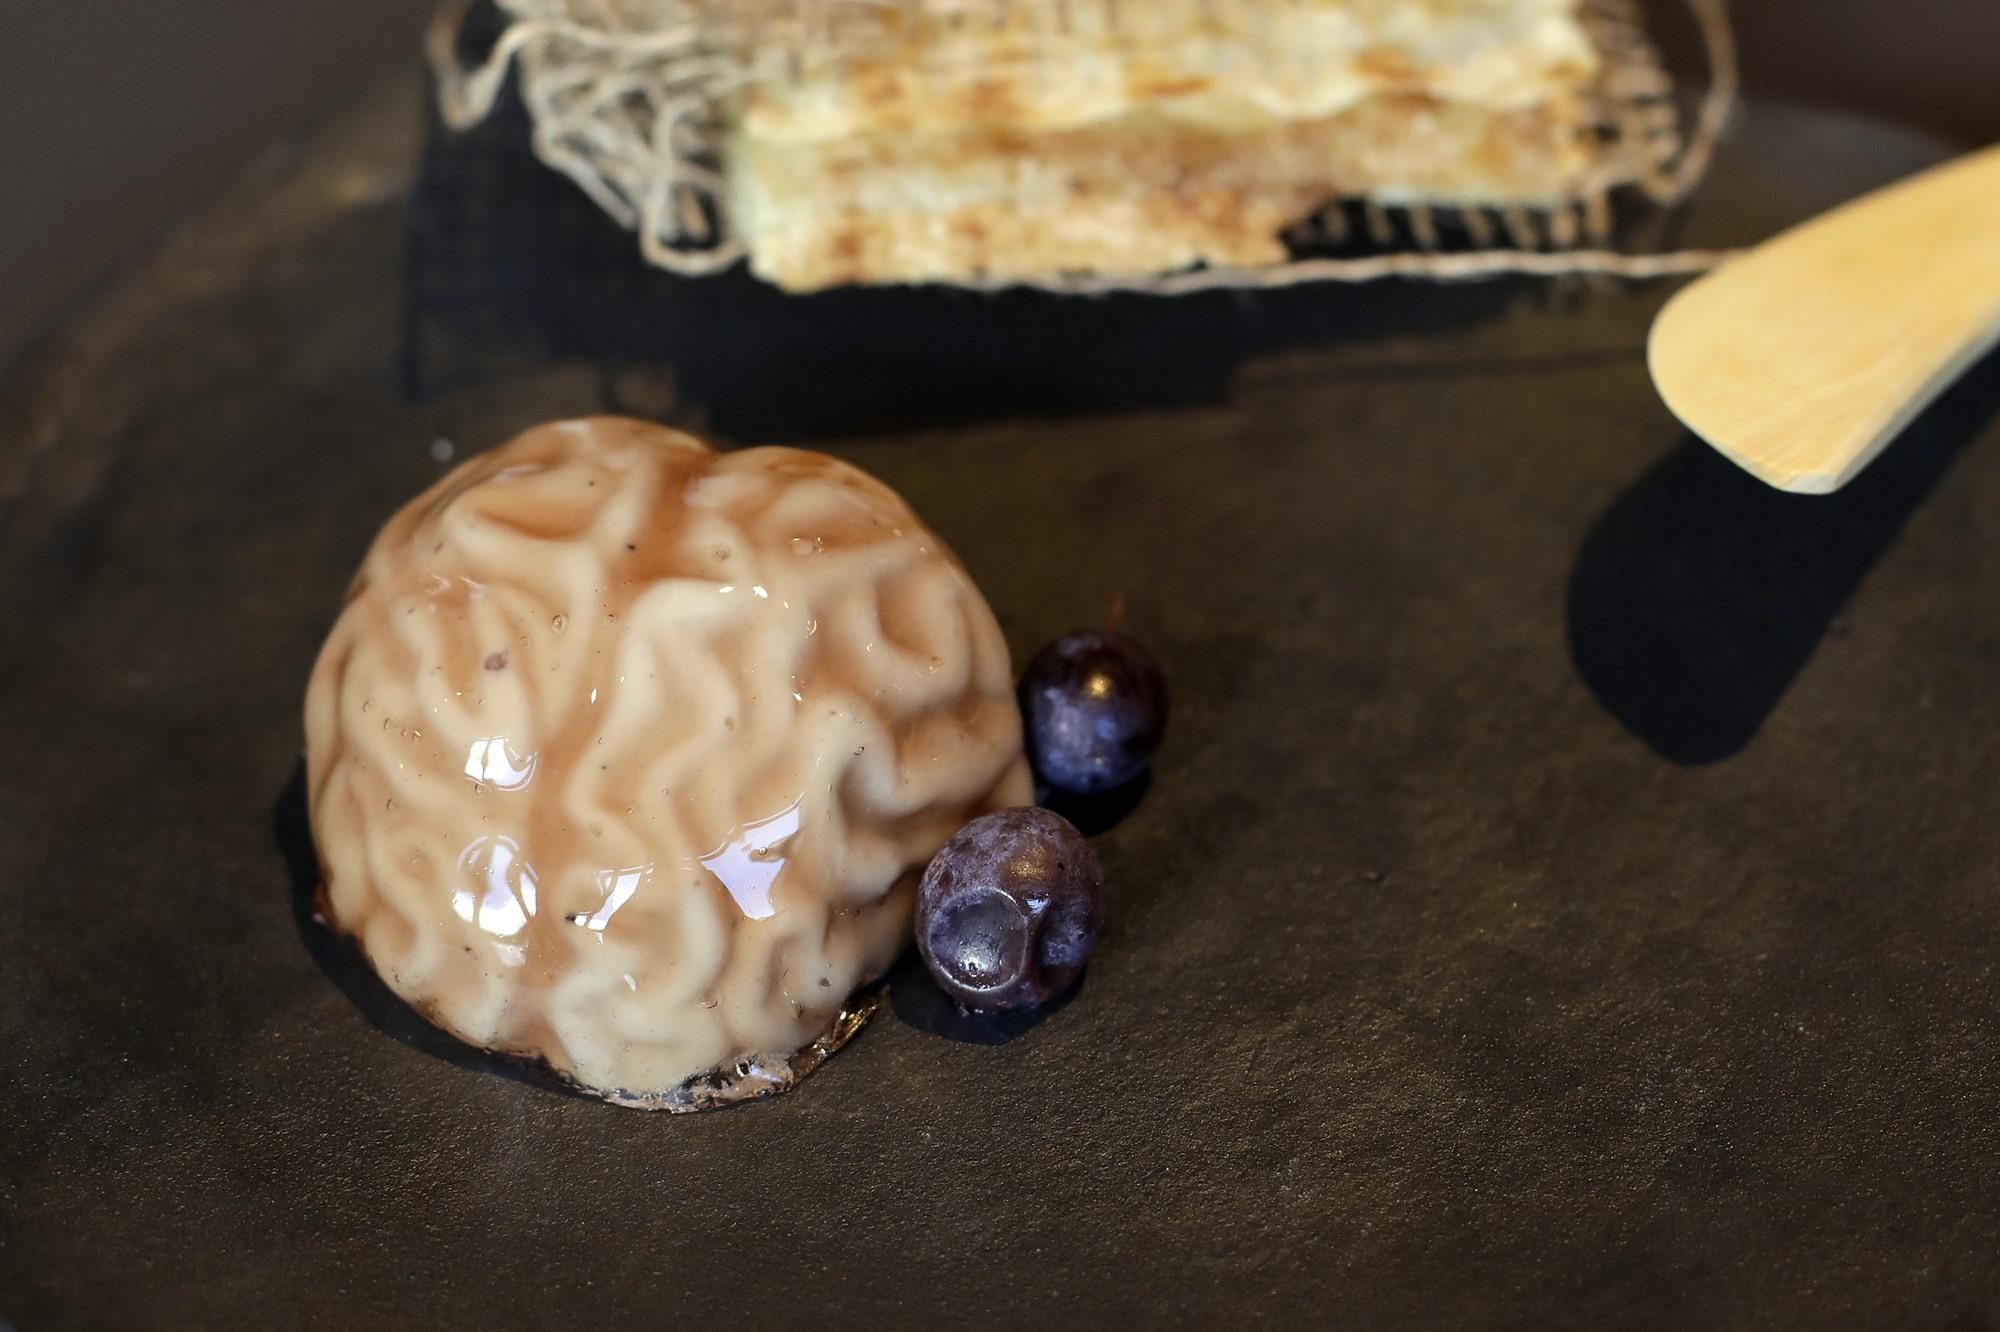 Sesos en una mezcla con 'foie' y 'patxaran' en el restaurante 'Arrea!'. Foto: David Herranz.